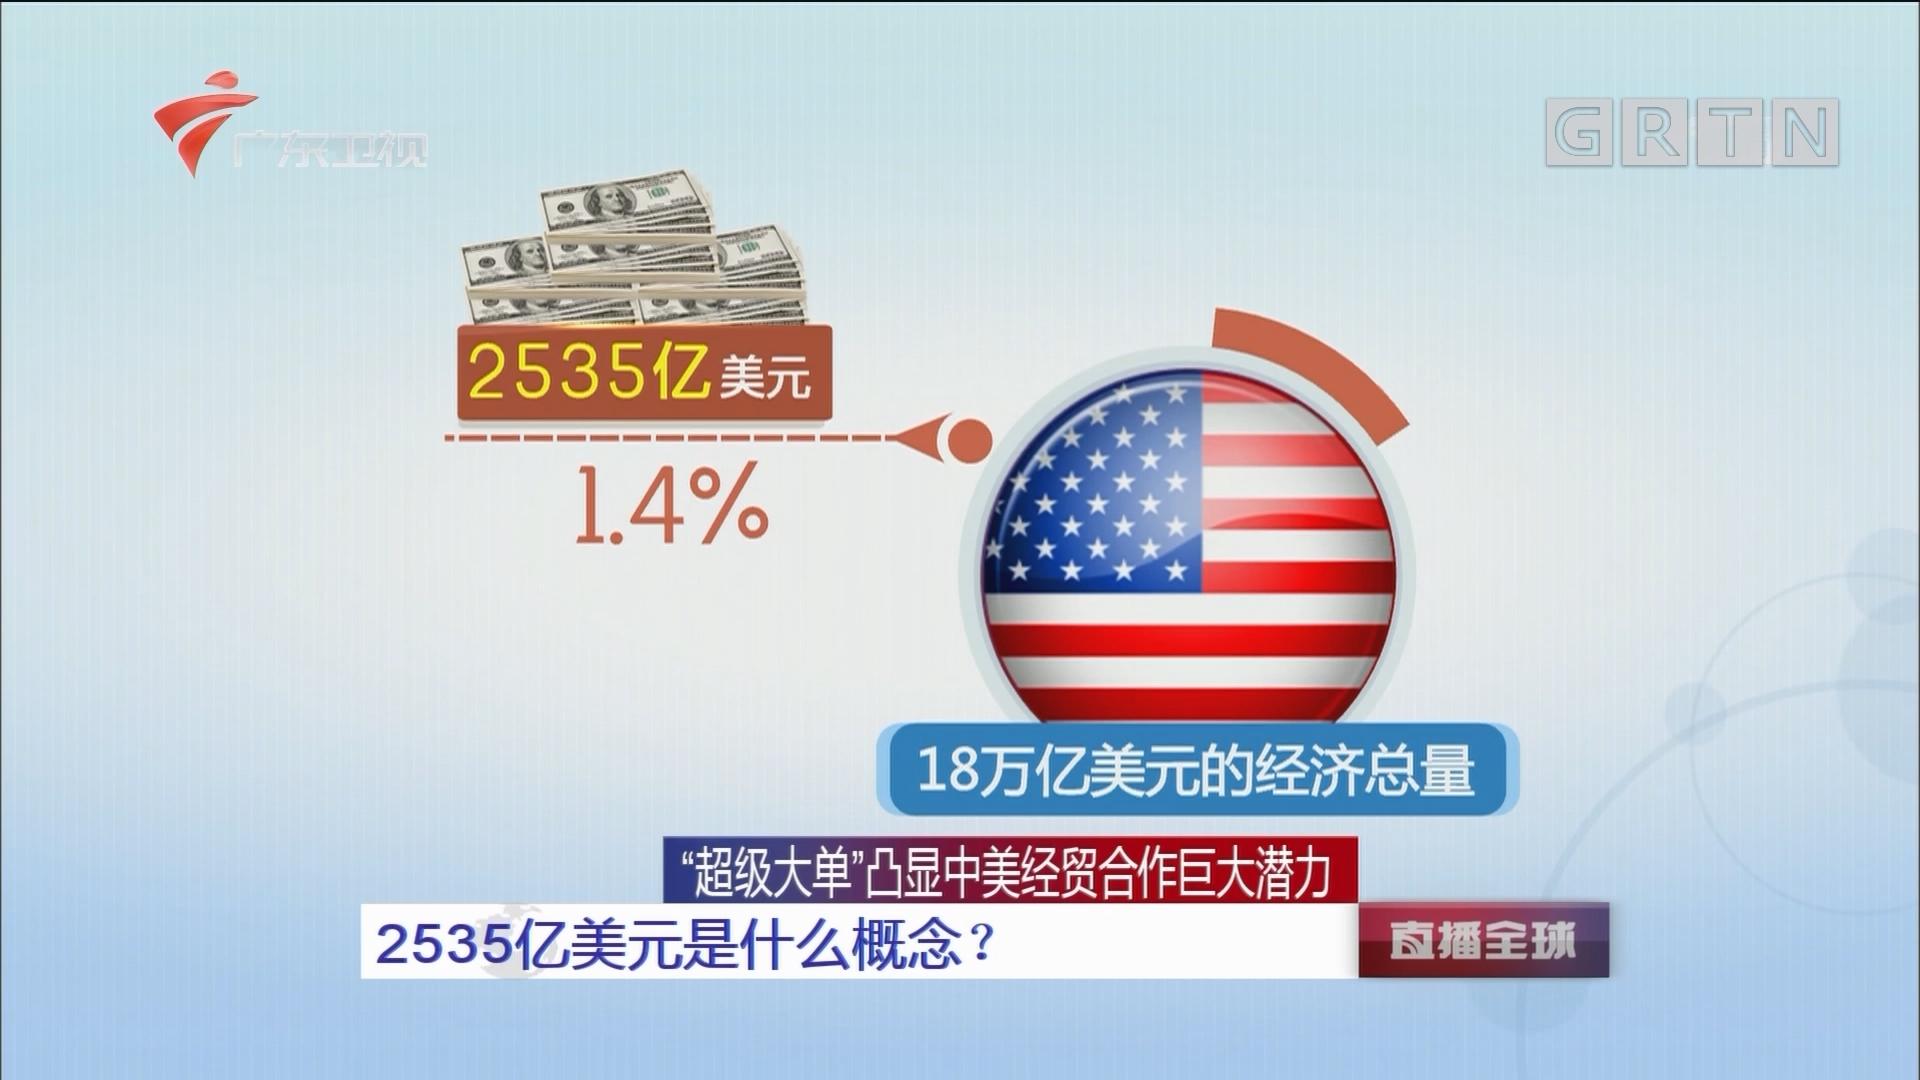 """""""超级大单""""凸显中美经贸合作巨大潜力:2535亿美元是什么概念?"""